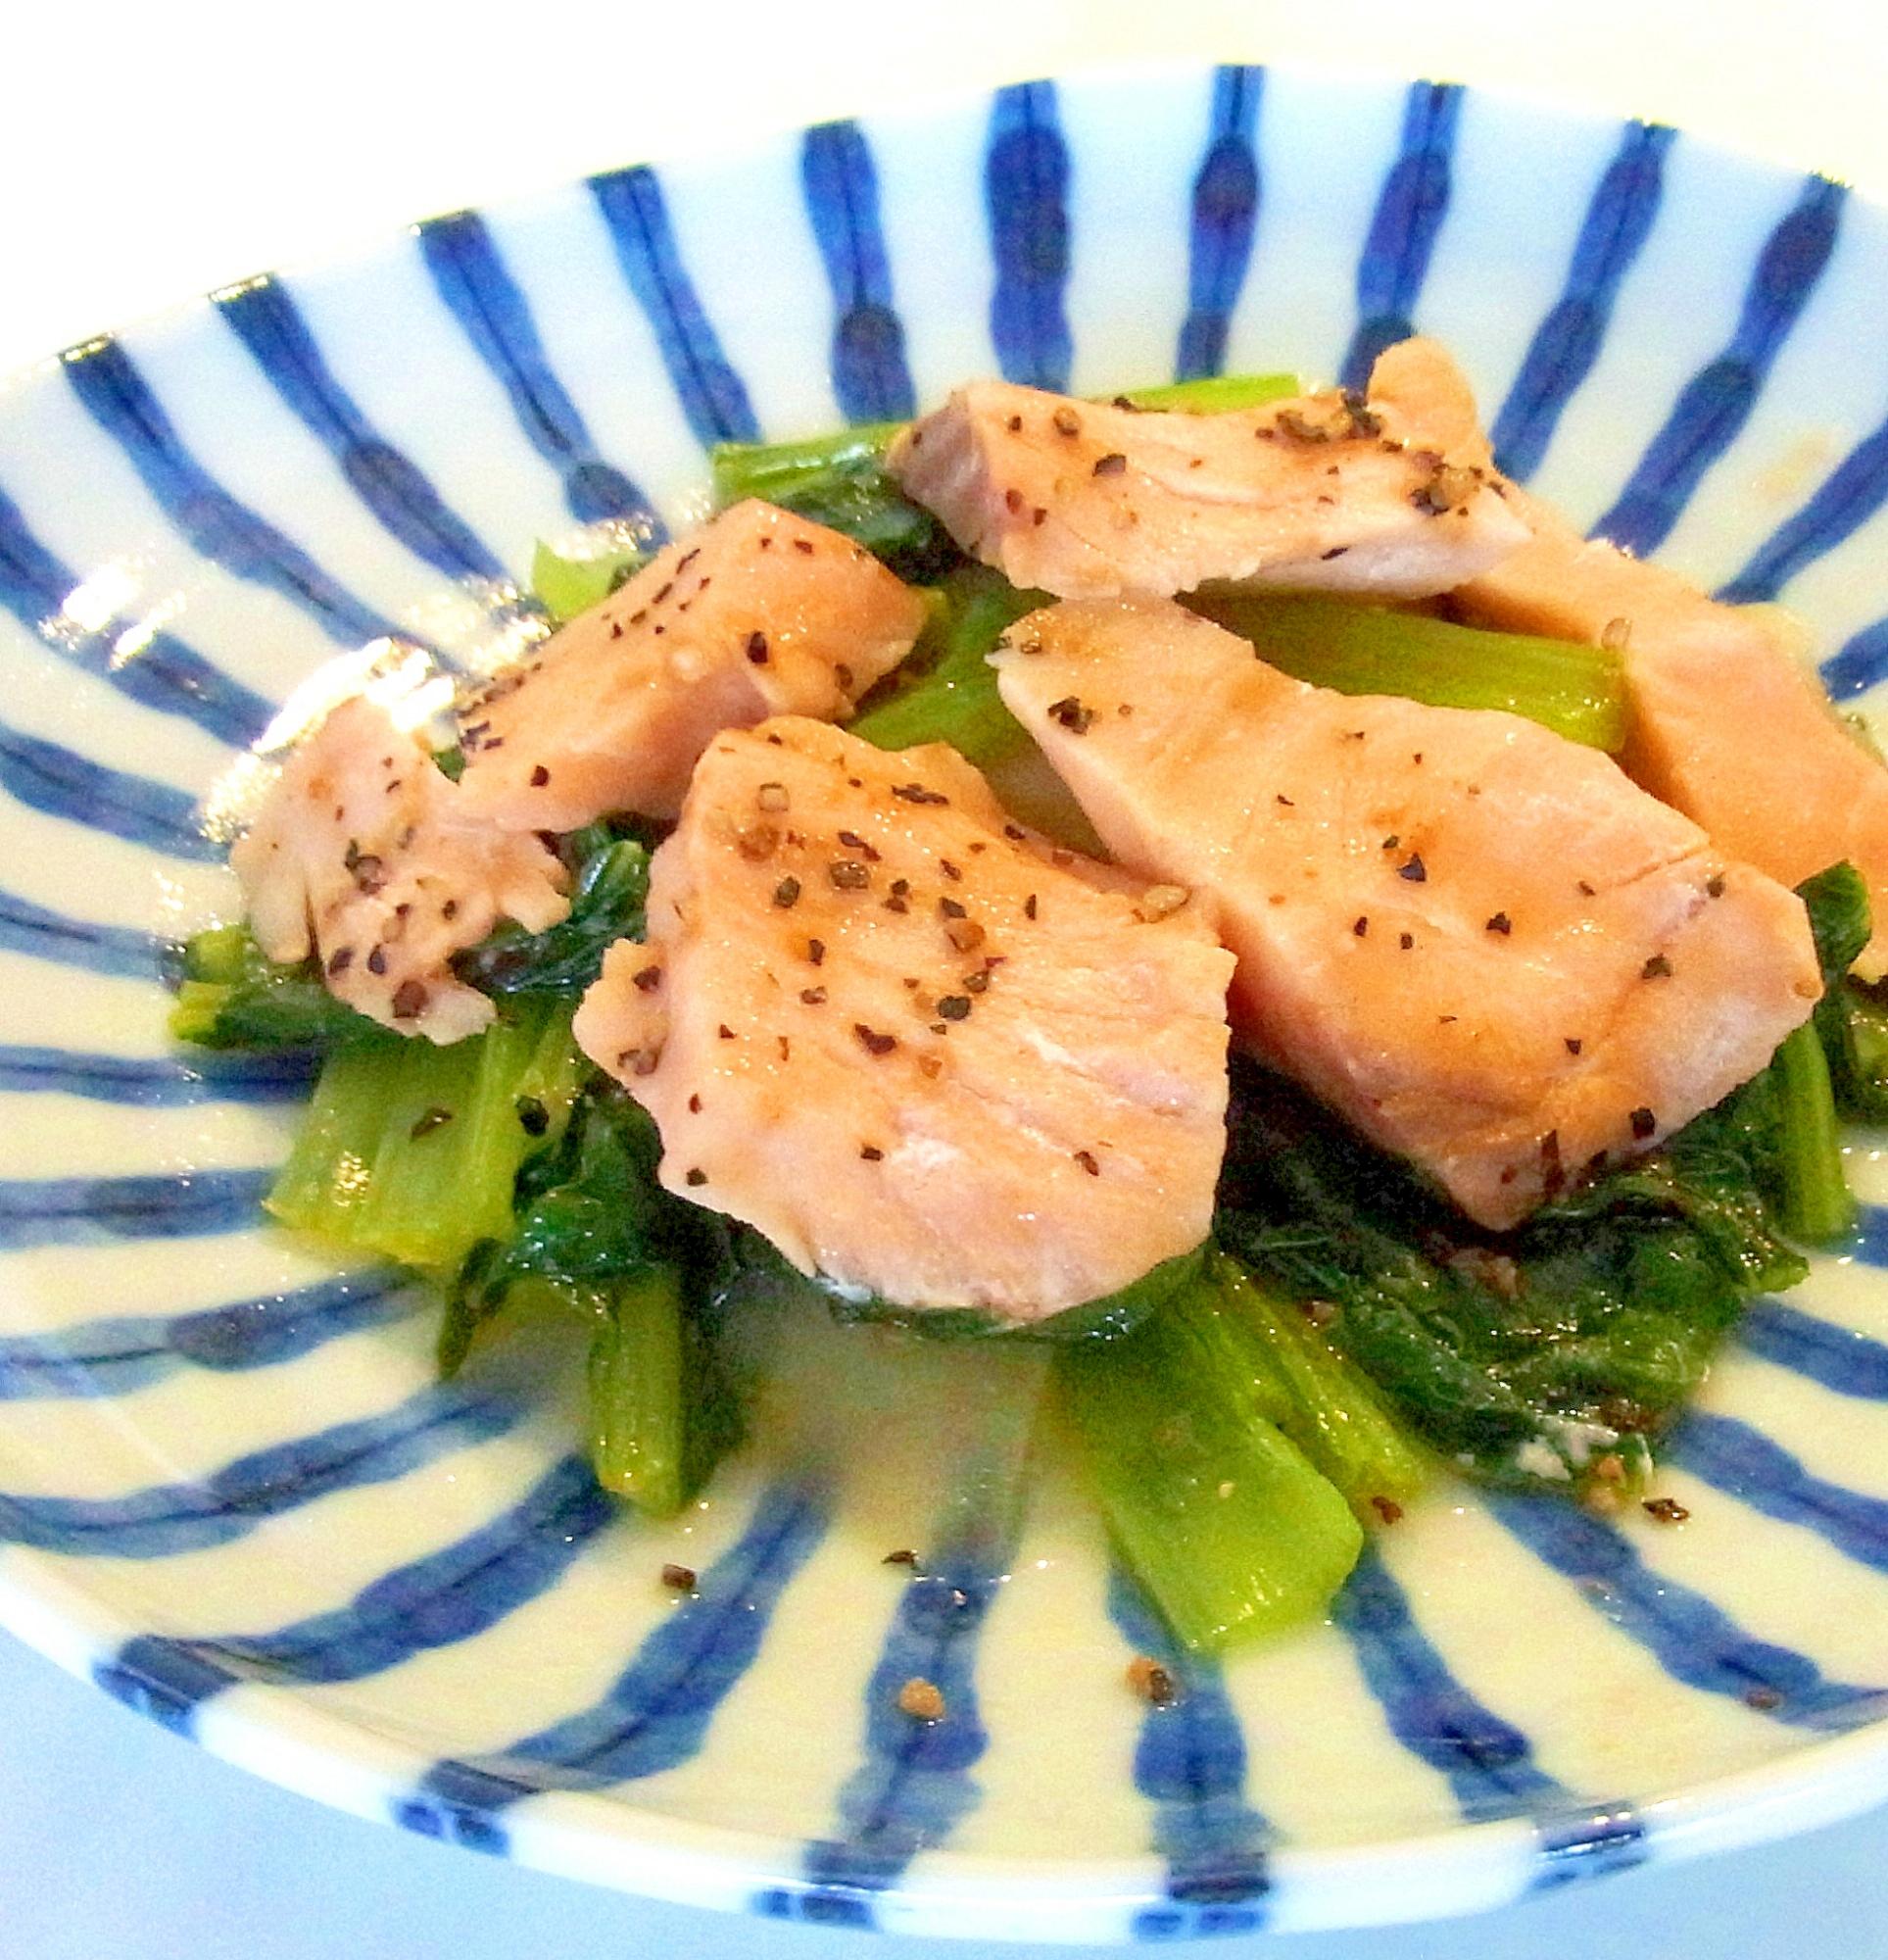 お弁当に☆鮭と小松菜のバター蒸し レシピ・作り方 by ☆メリッコ☆ 楽天レシピ